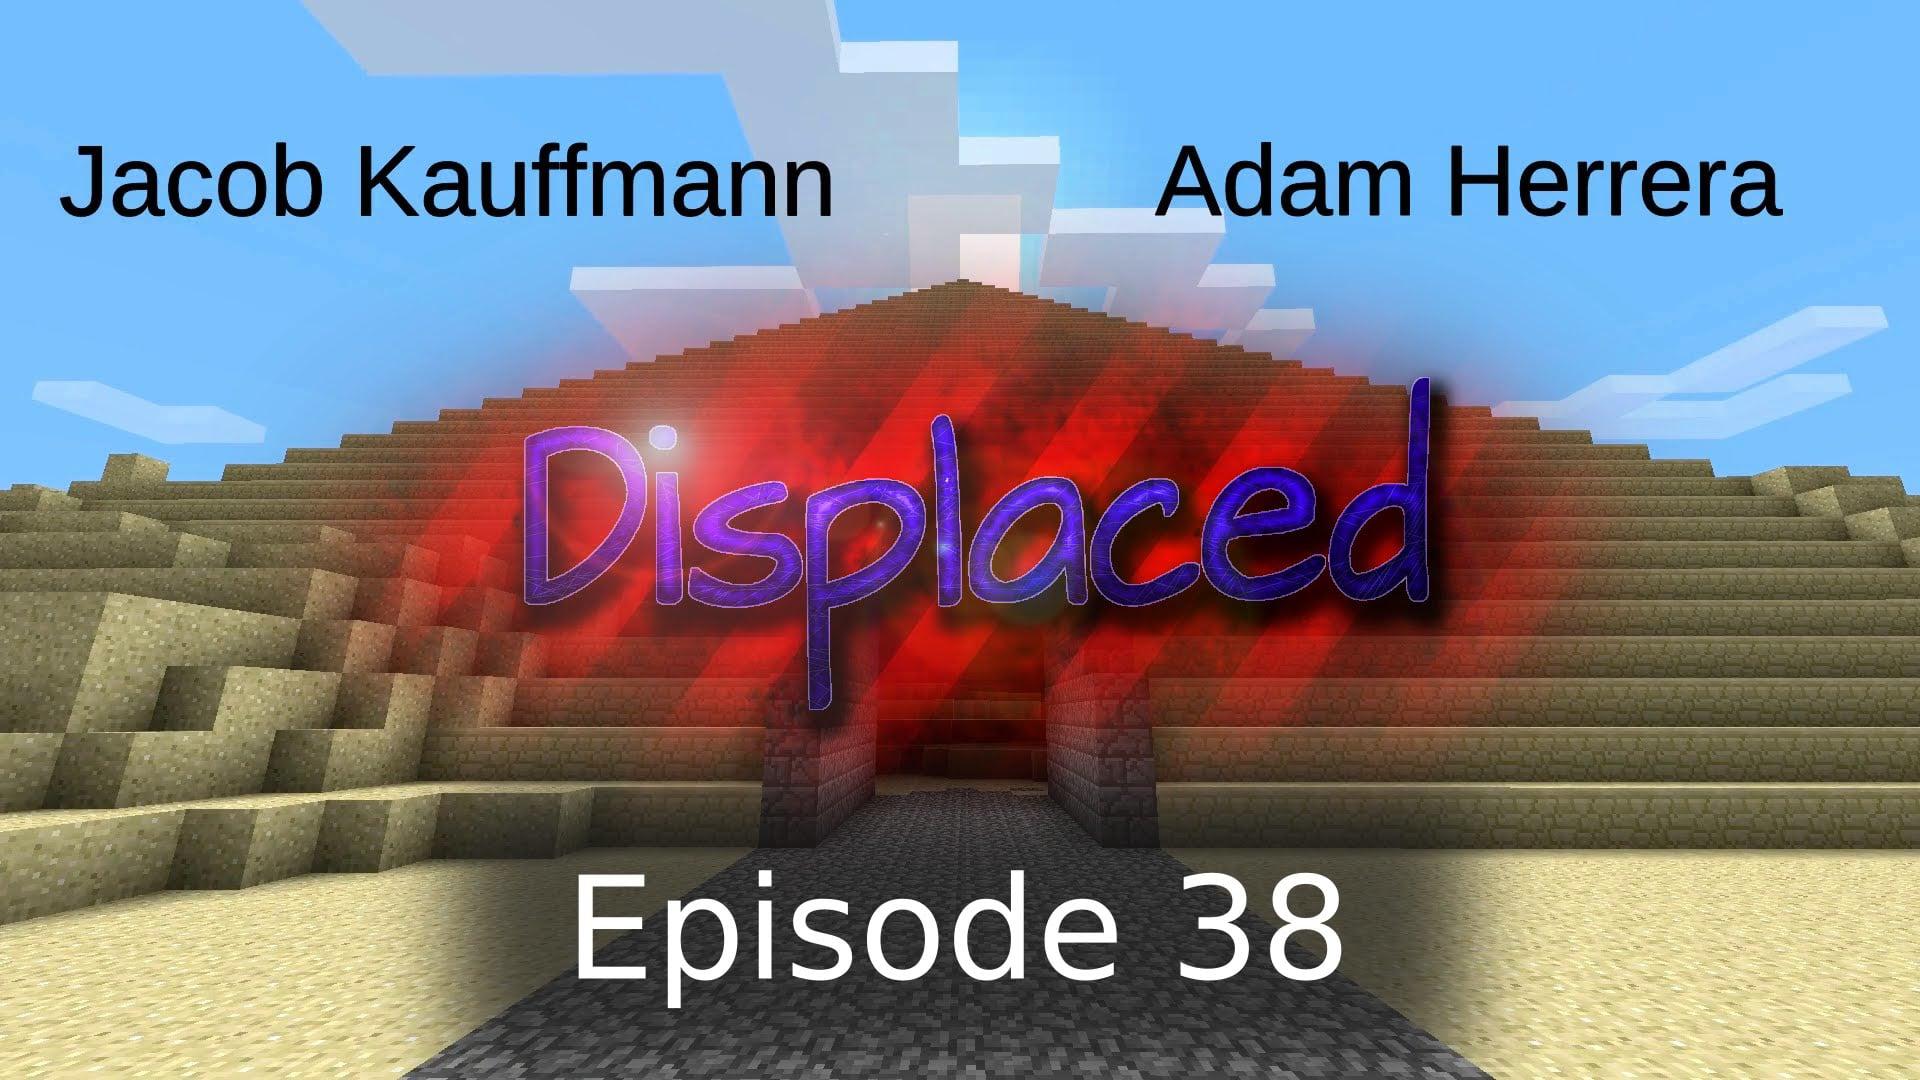 Episode 38 - Displaced